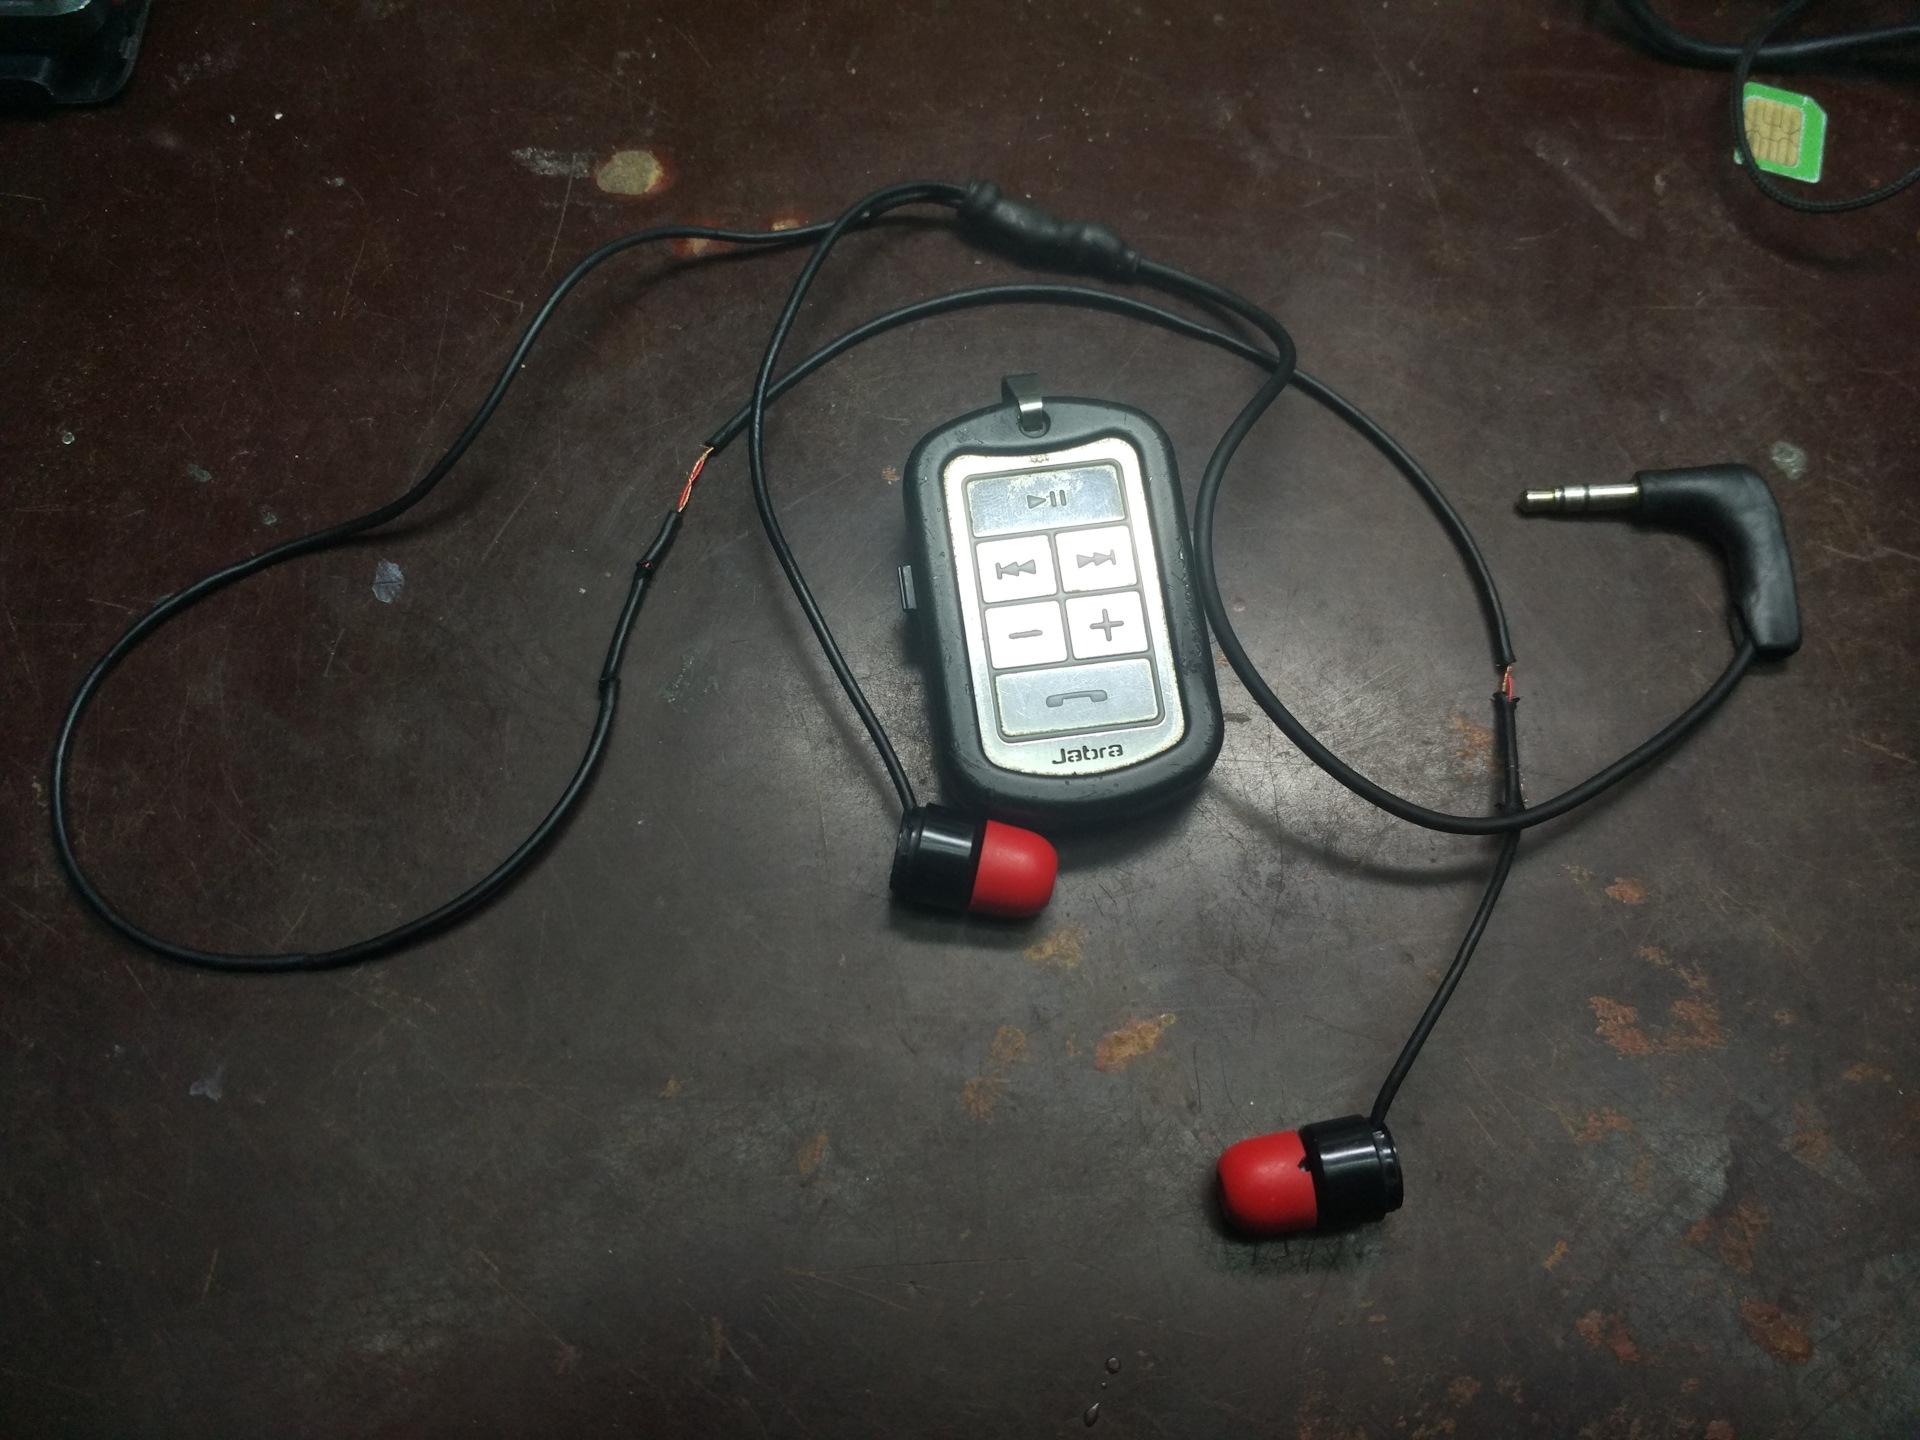 Sony ericsson схема наушников фото 332